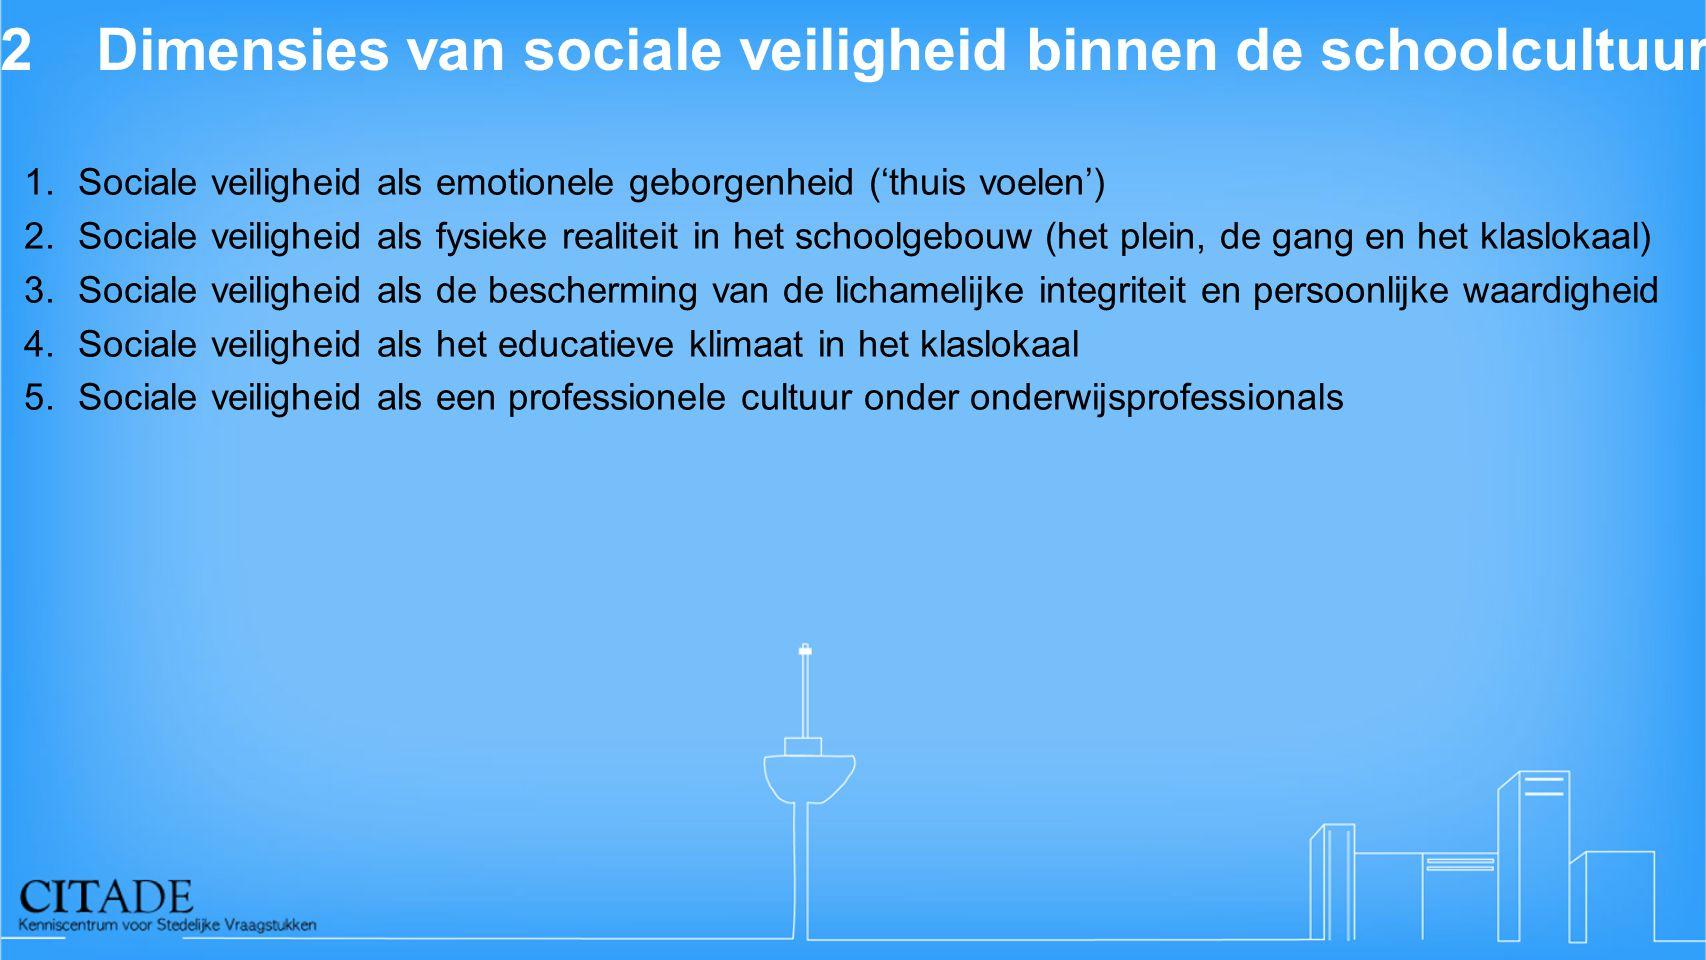 3De pedagogische 'mis-match' en het probleem van 'thuis voelen' in de schoolcultuur Thuiscultuur (traditioneel) (volks) (matrifocaal) (modern) Schoolcultuur ('feminien') Straatcultuur ('masculien')